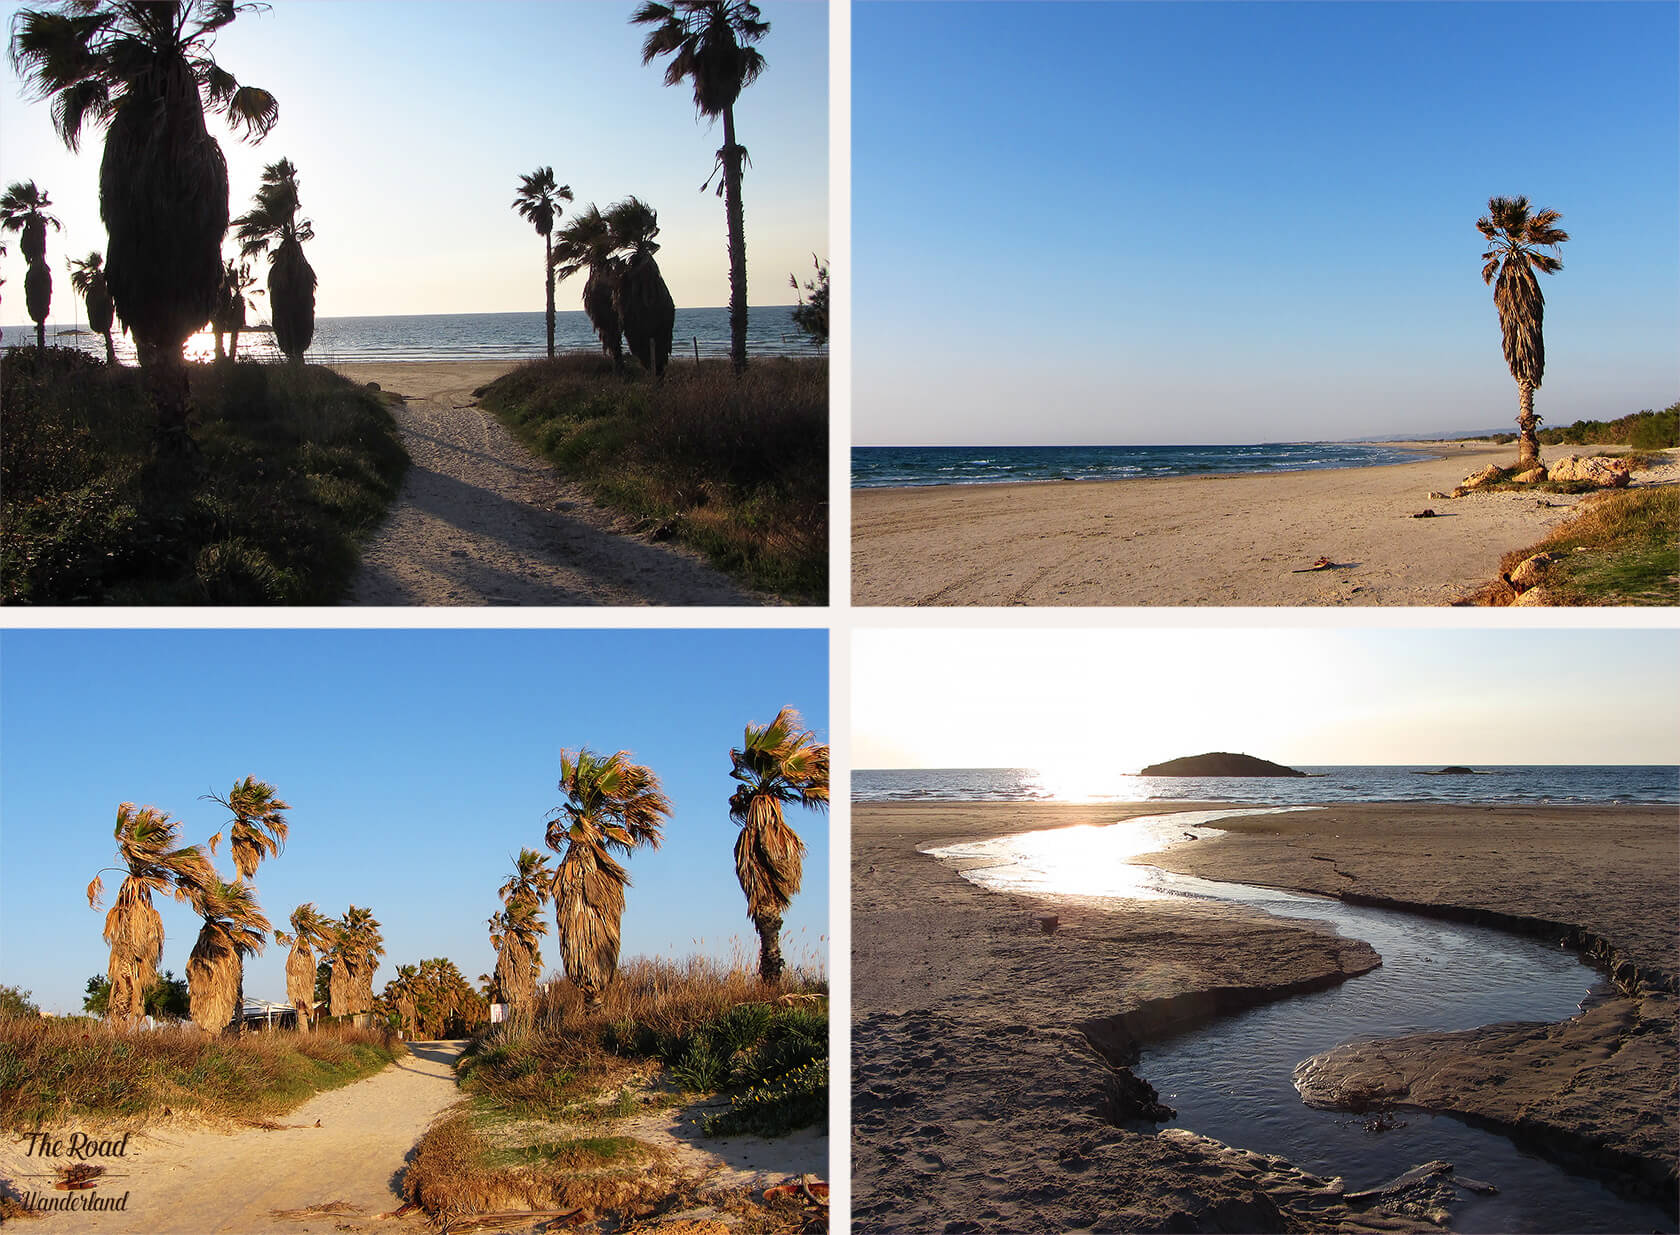 Ma'agan Michael beach